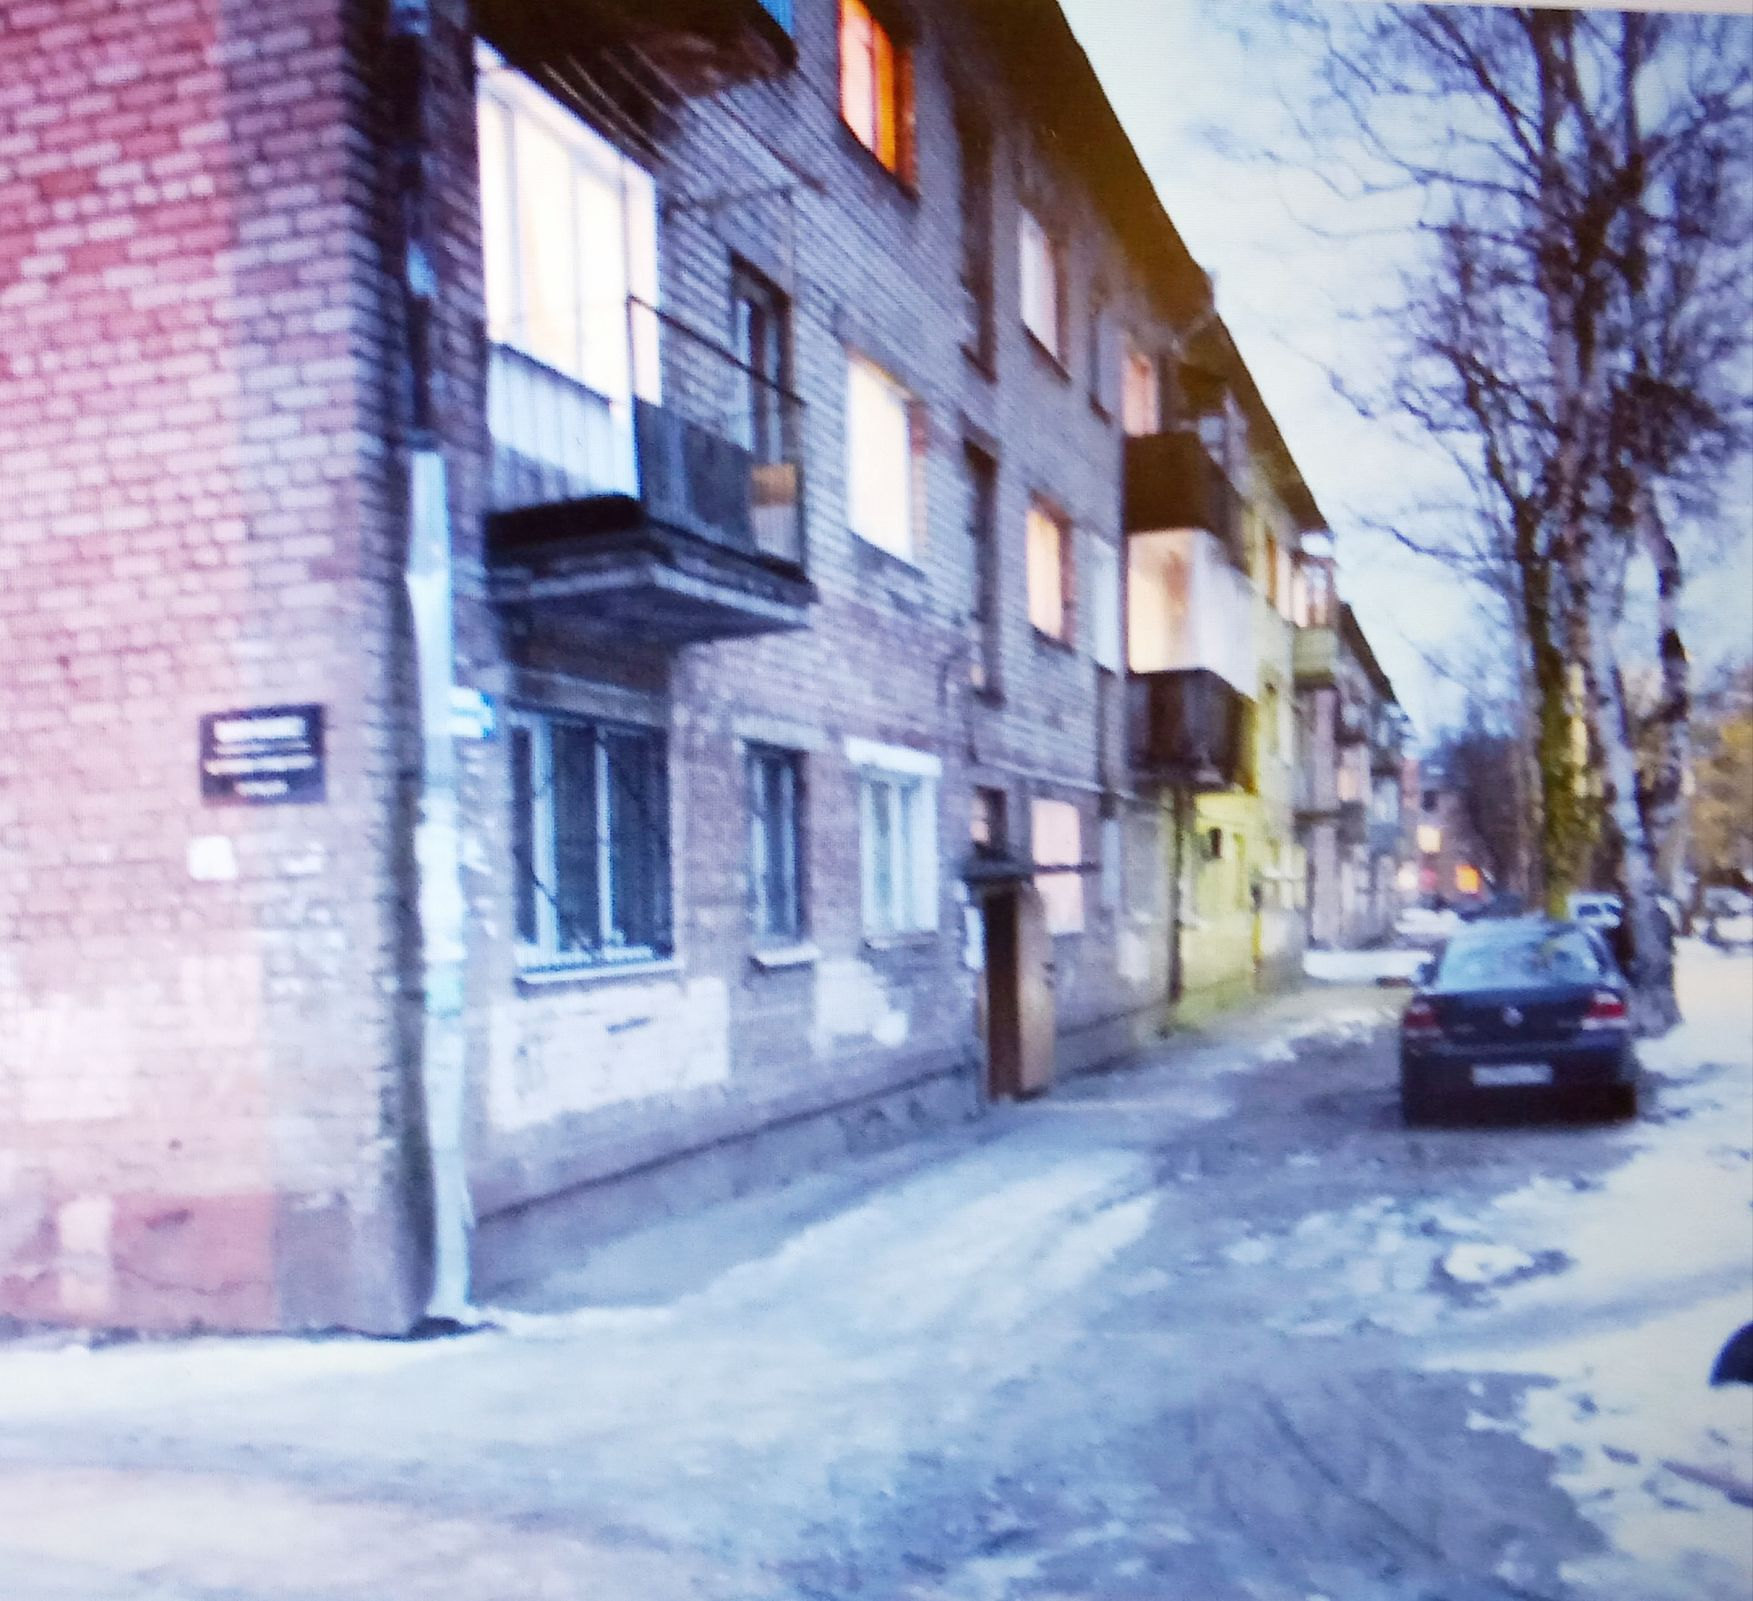 Житель Ярославля убил знакомую, вонзив нож ей в грудь